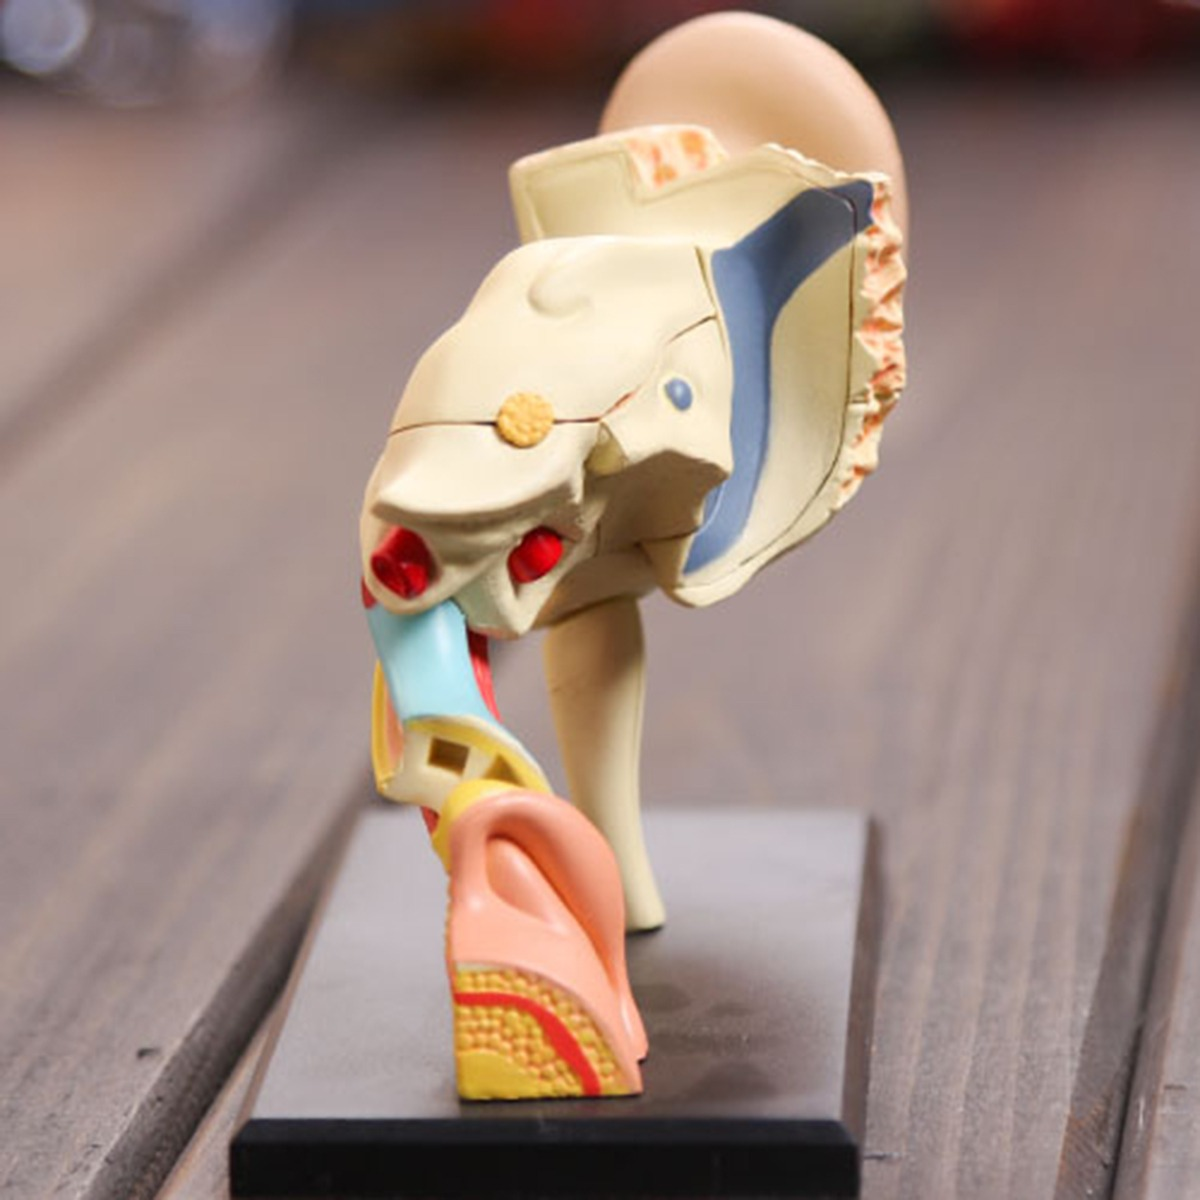 Dorable Muscular Hoja De Cálculo De La AnatomÃa Imágenes - hojas de ...